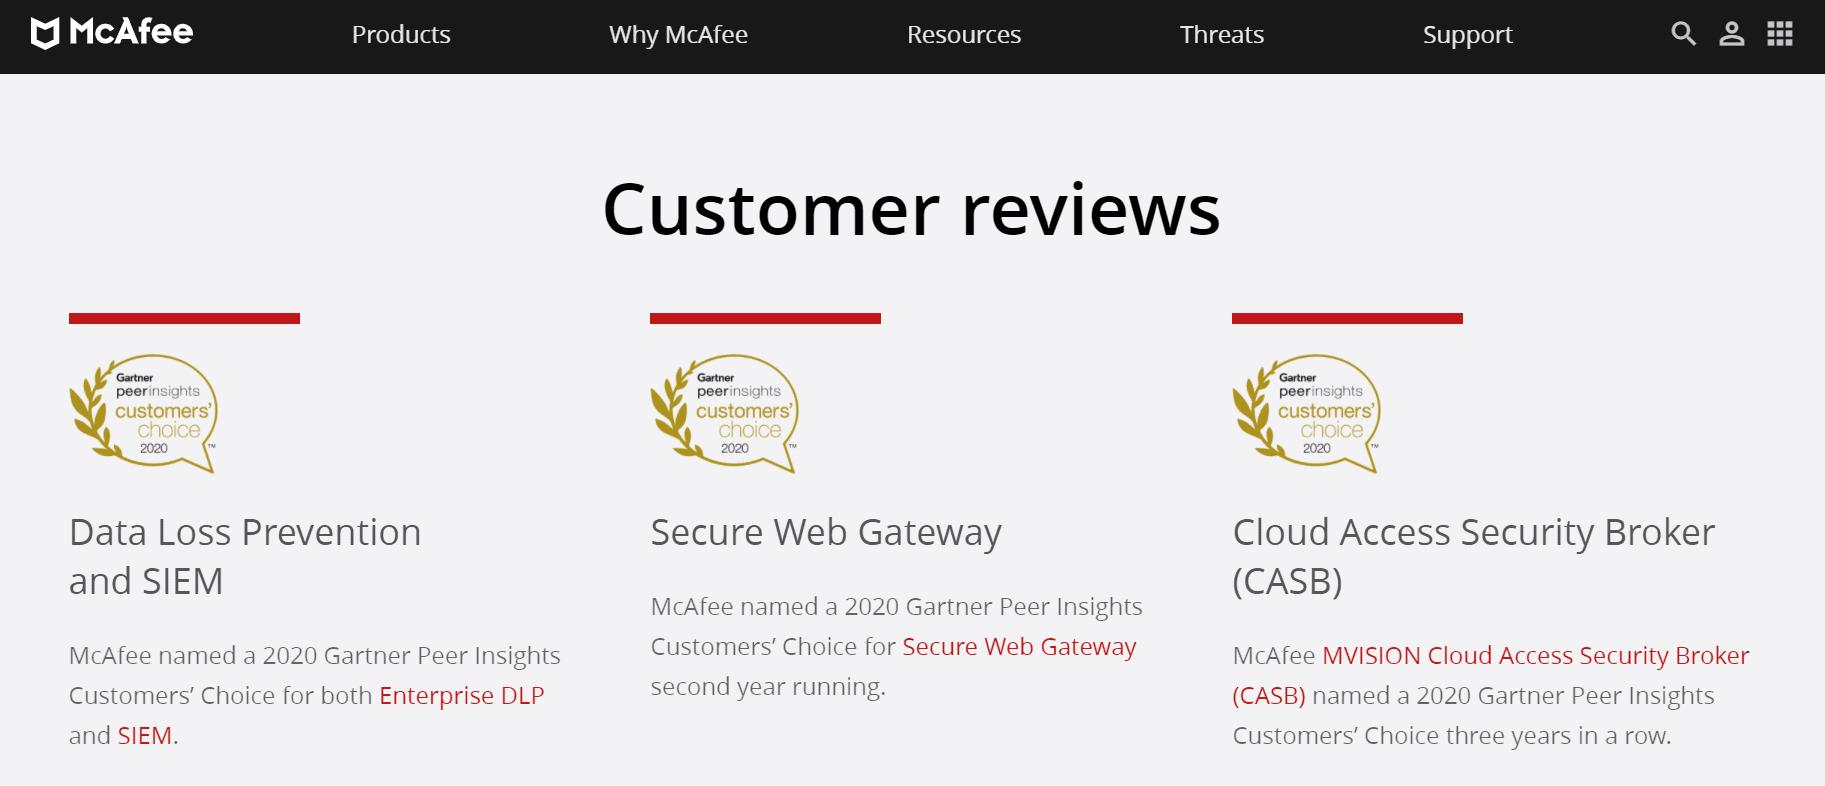 mcafee coupon codes- customer reviews